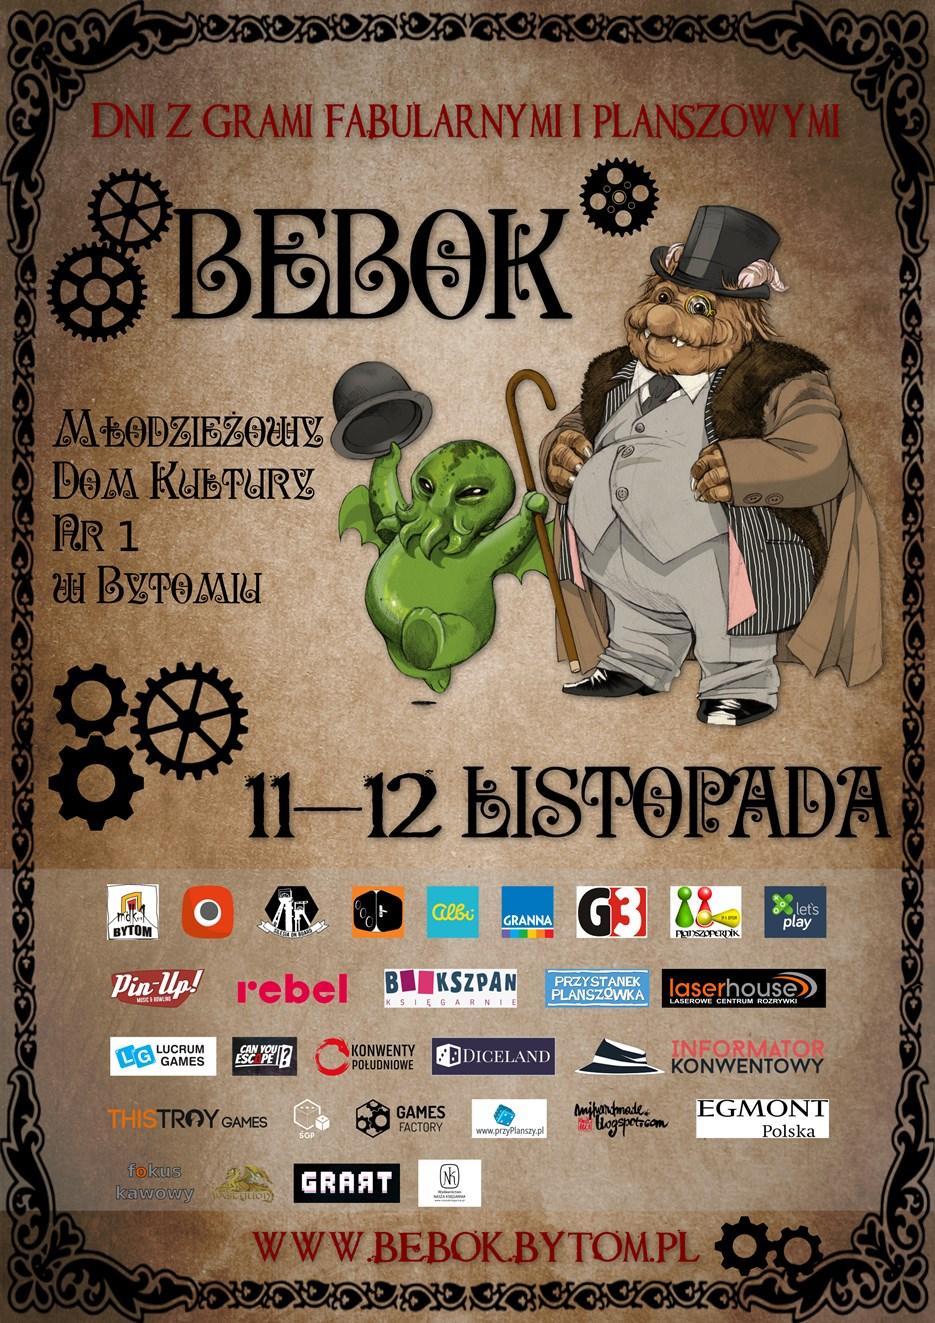 plakat Bebok8 Bebok   dni z grami fabularnymi i planszowymi